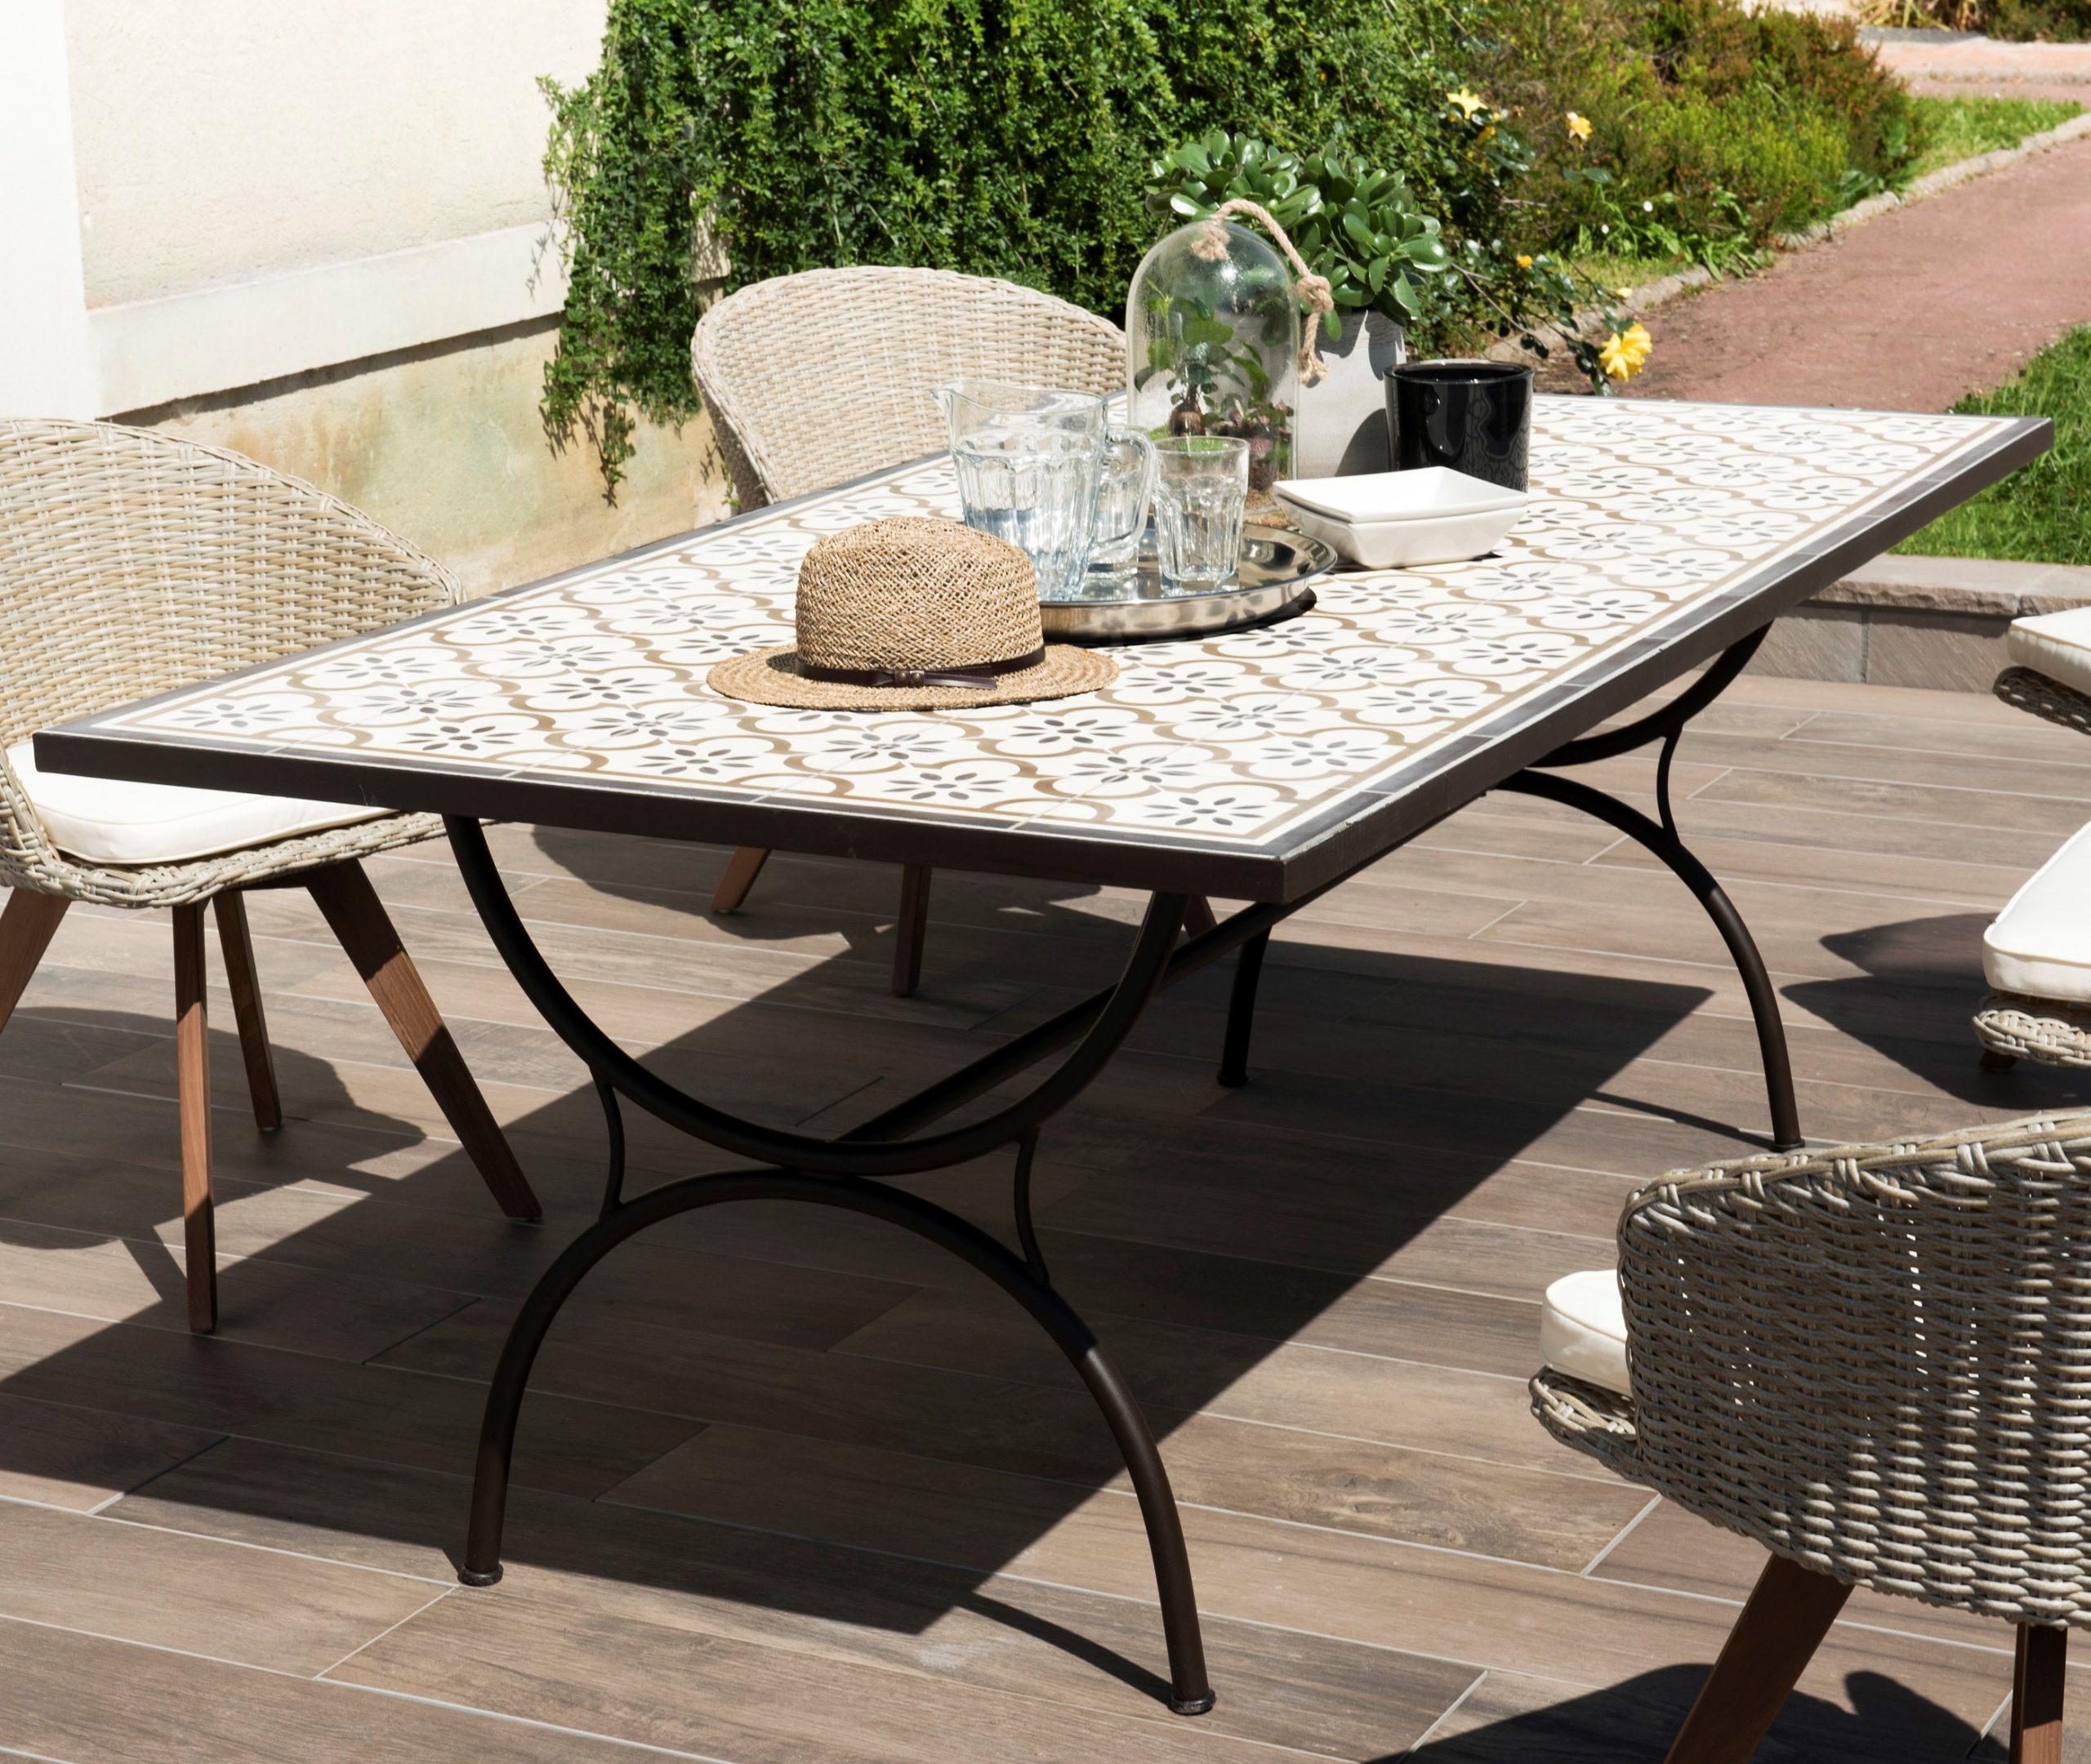 Table De Jardin 8 Personnes Carreaux De Ciment 200X100 Summer à Table De Jardin En Ciment